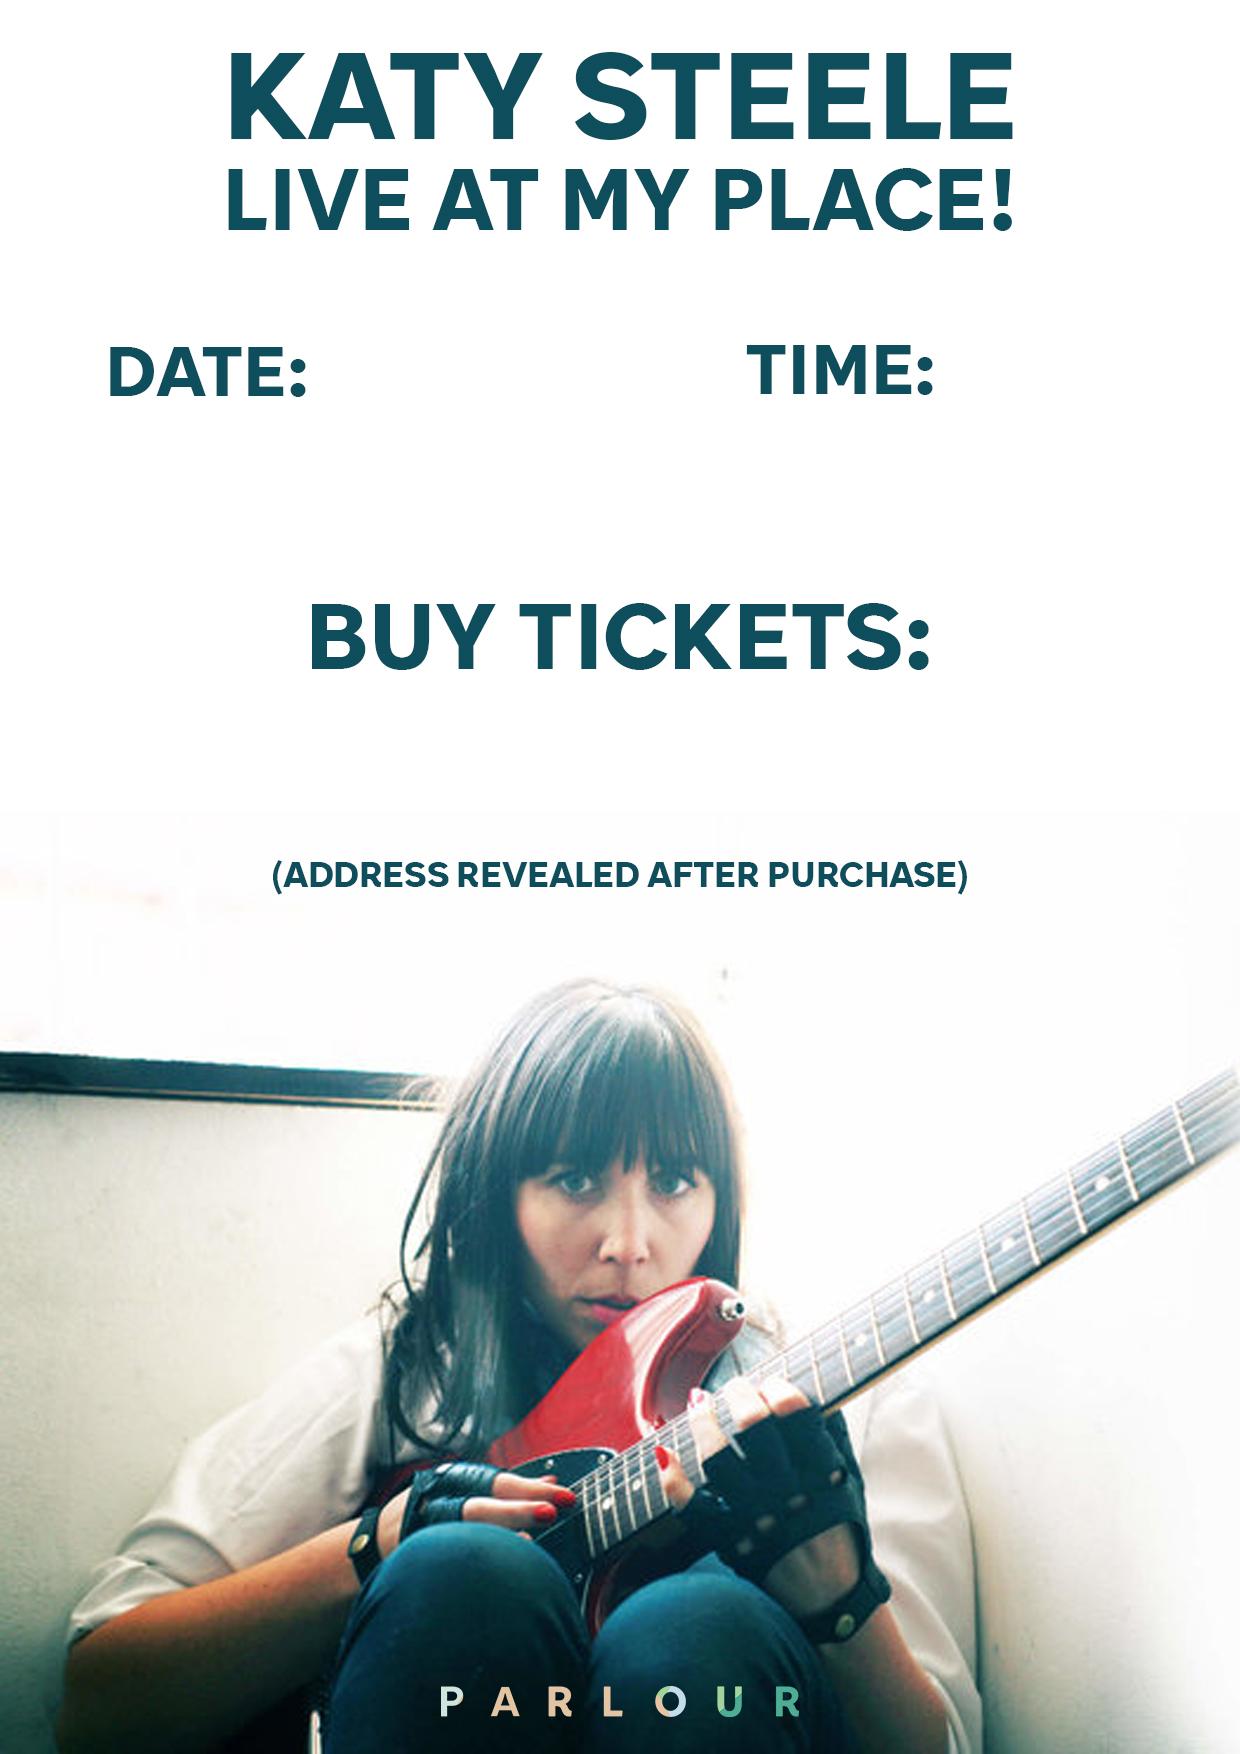 Katy Steele Poster.jpg